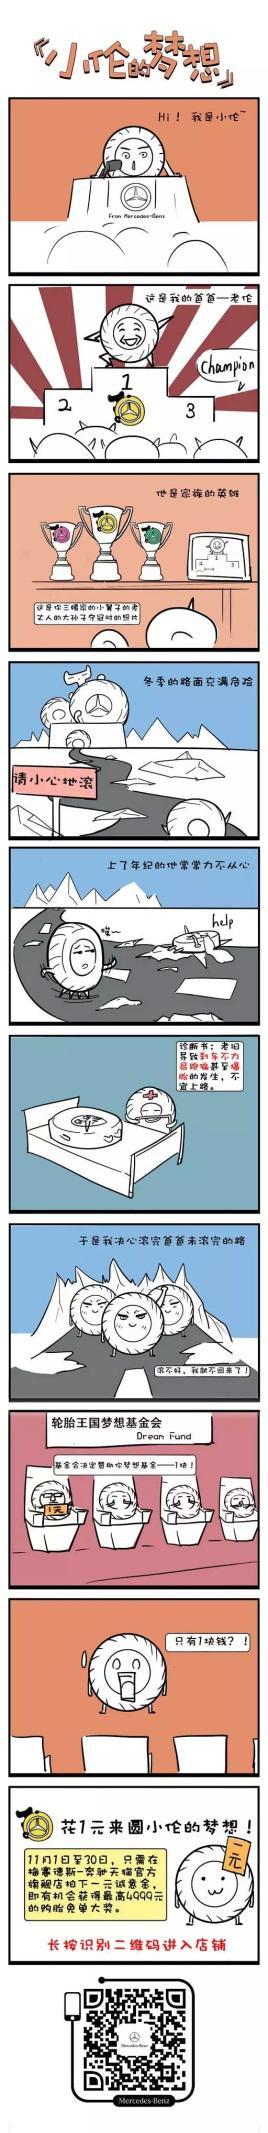 您的轮胎免单了吗?